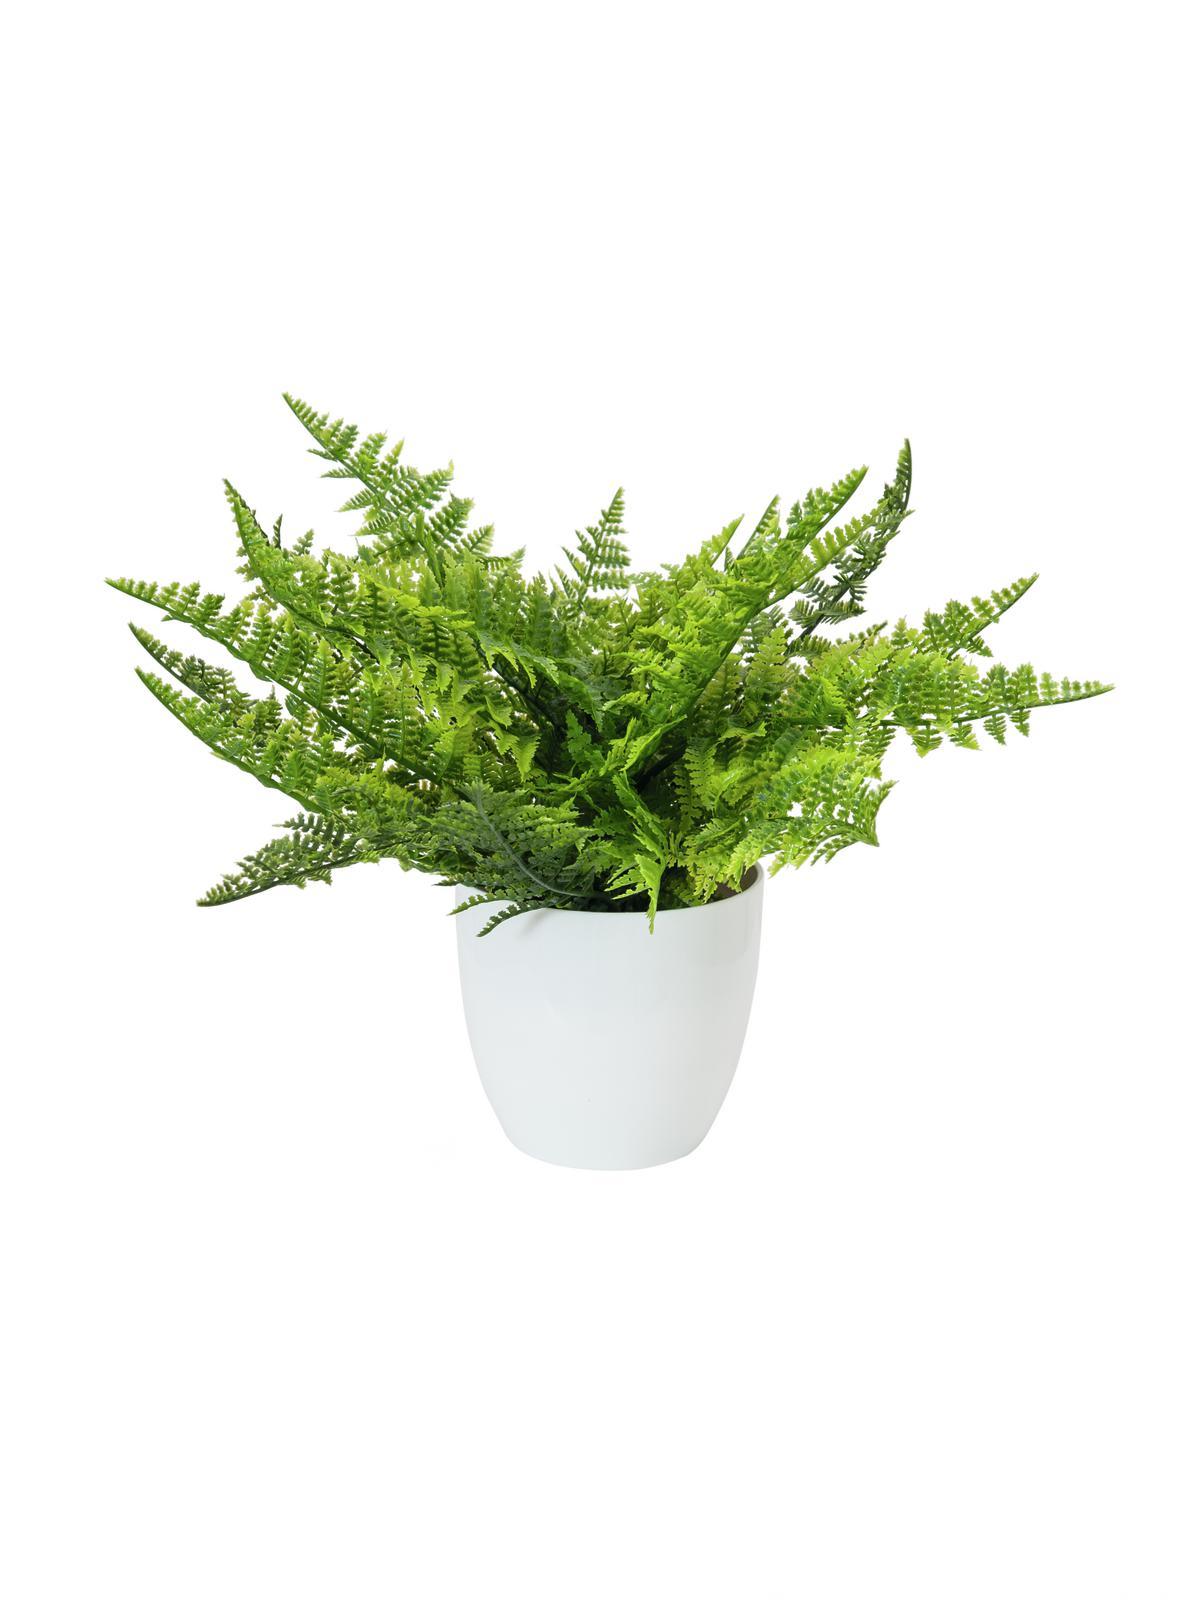 EUROPALMS Farnbusch im Dekotopf, Kunstpflanze, 22 Blätter, 33cm